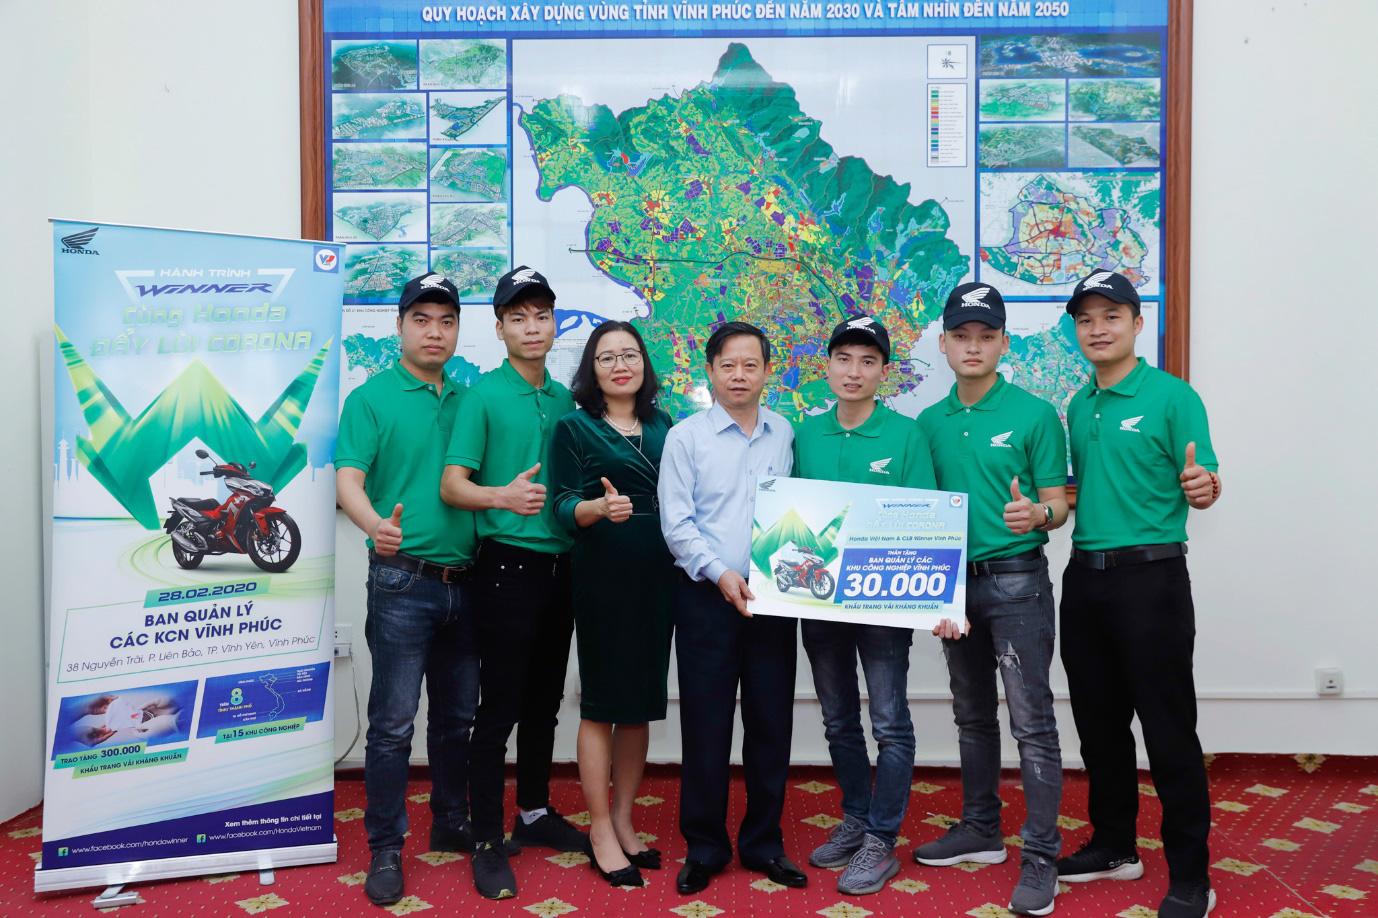 Hành trình Honda Winner chủ động phòng chống dịch COVID-19 cùng 120,000 công nhân - Ảnh 3.